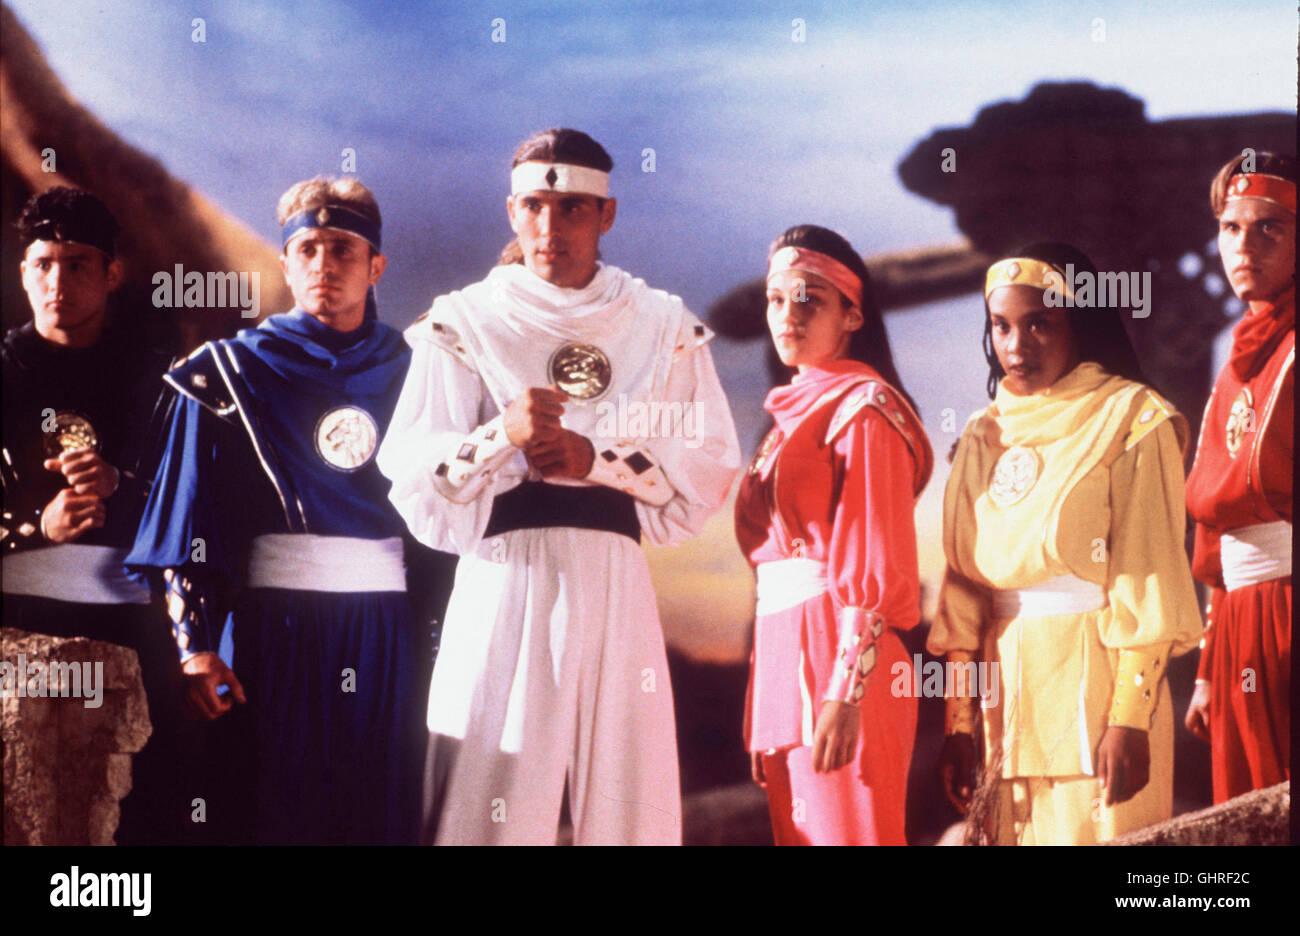 POWER RANGERS - DER FILM - Die 'Power Rangers', das sind sechs Ritter der Gerechtigkeit, die mit hochmodernster - Stock Image